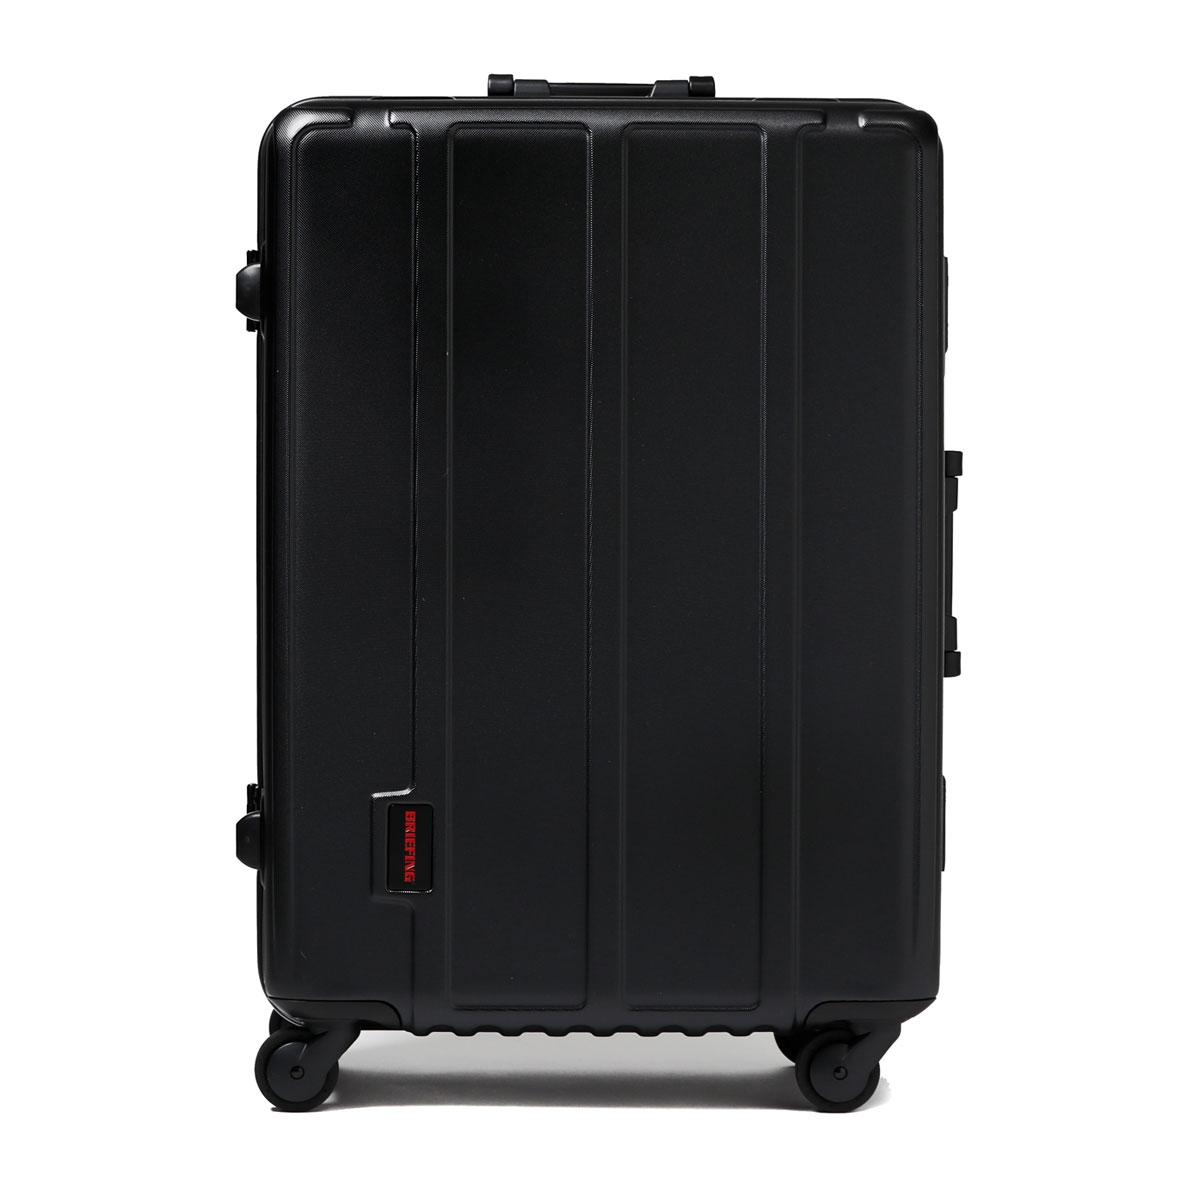 「日本正規品」ブリーフィング スーツケース BRIEFING キャリーケース H-100 キャリーバッグ フレーム 100L 10〜14泊程度 大型 Lサイズ TSAロック ハード 旅行 旅行バッグ 旅行鞄 BRF305219